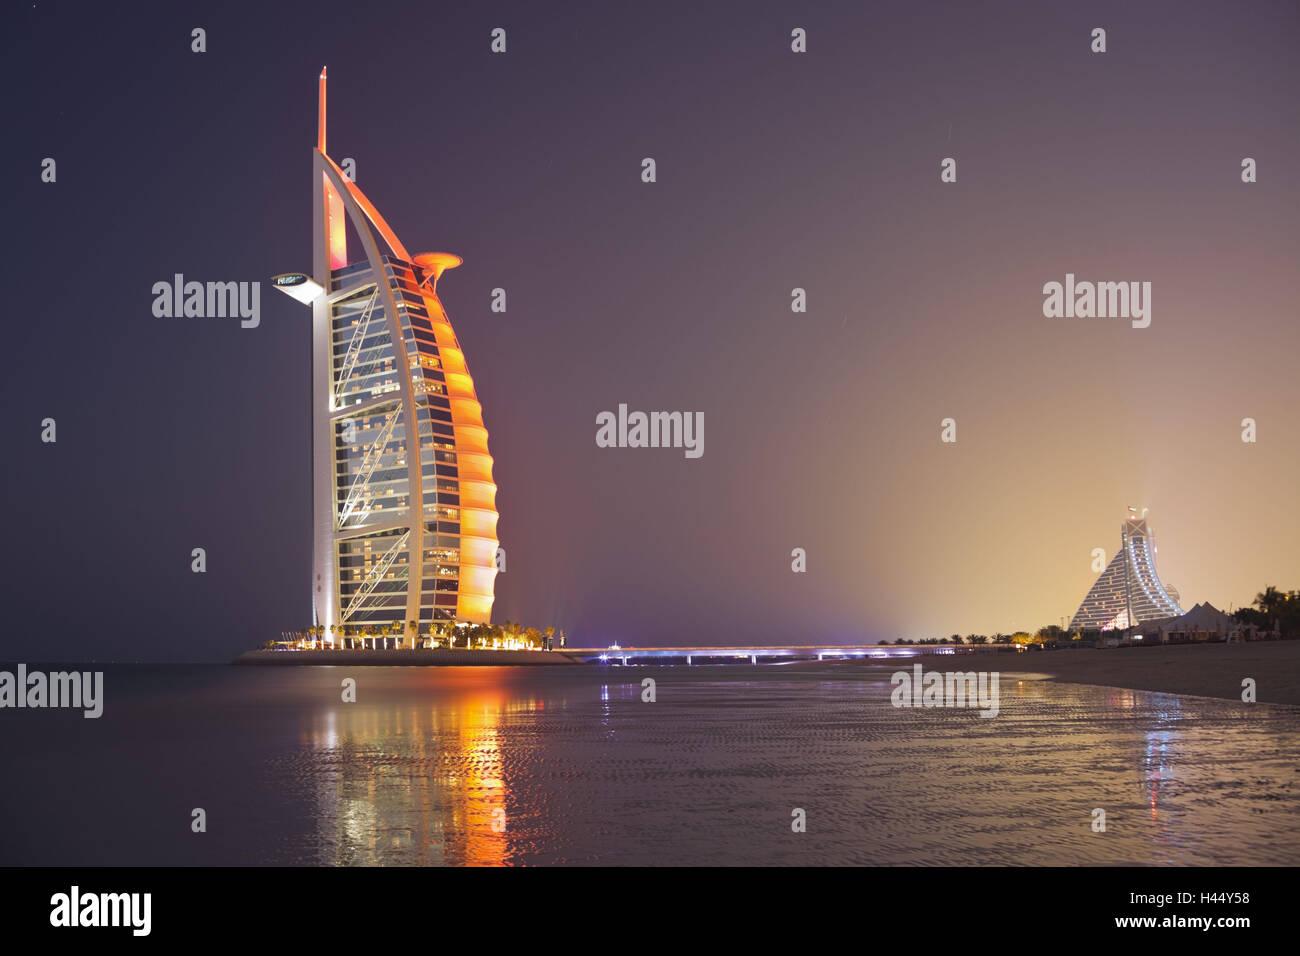 Emirats Arabes Unis, Dubaï, Burj Al Arab, l'humeur du soir, Banque D'Images